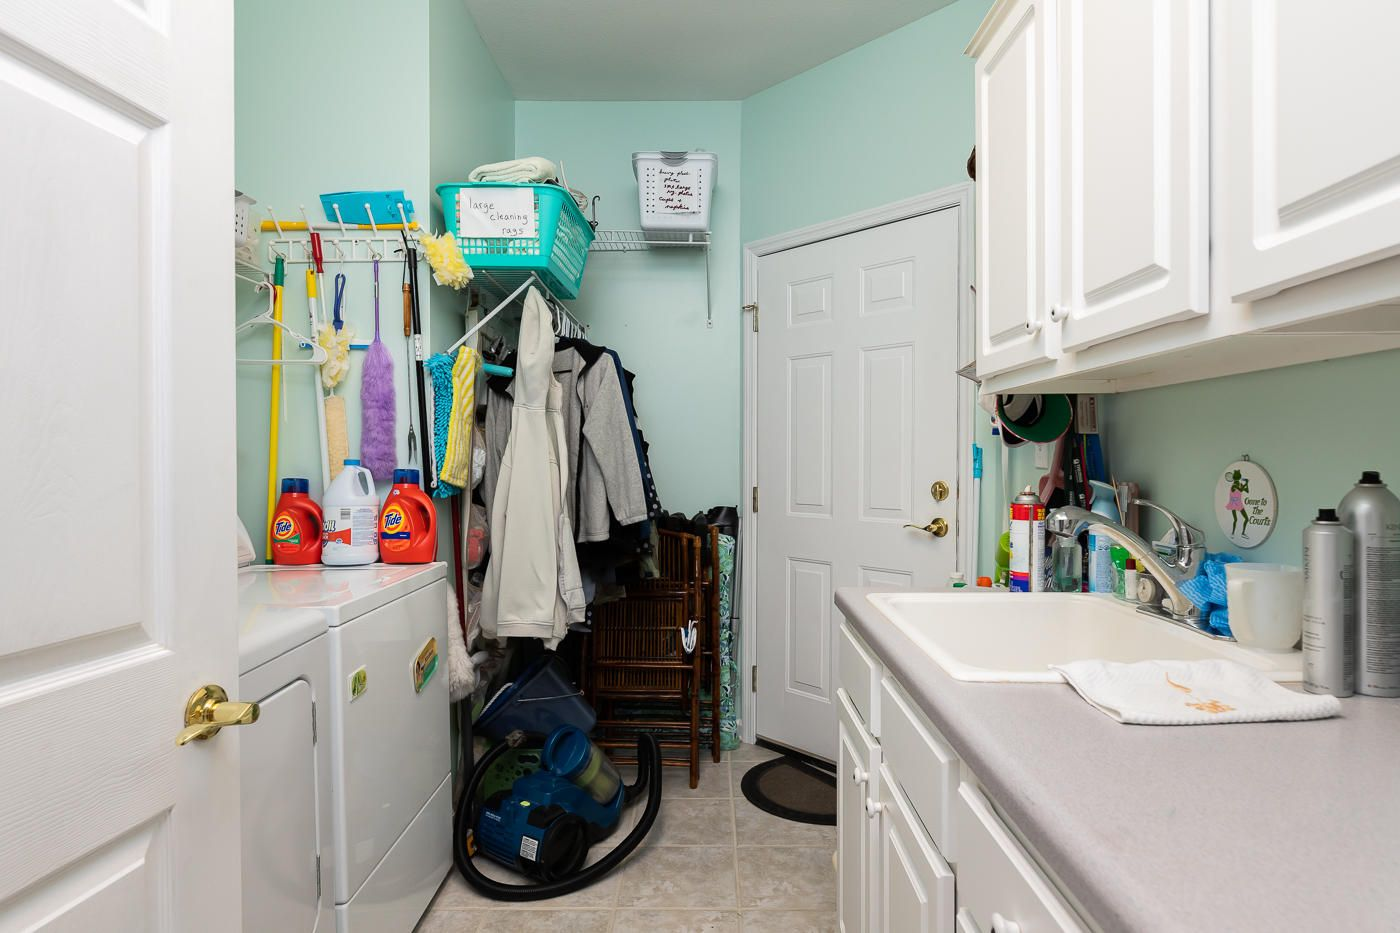 839-Rarity Bay Laundry